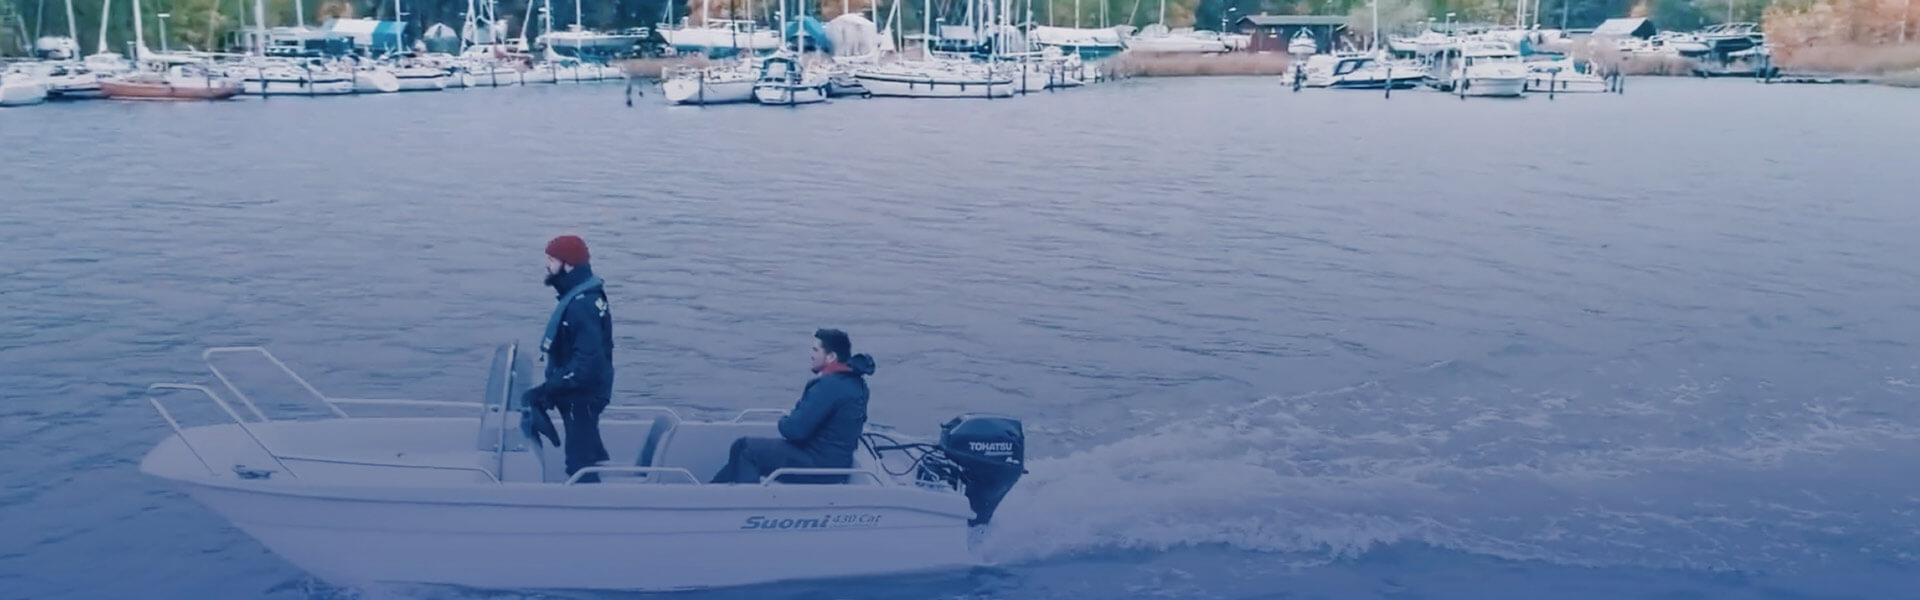 suomimoottoriveneessä kaksi miestä menossa kalaan